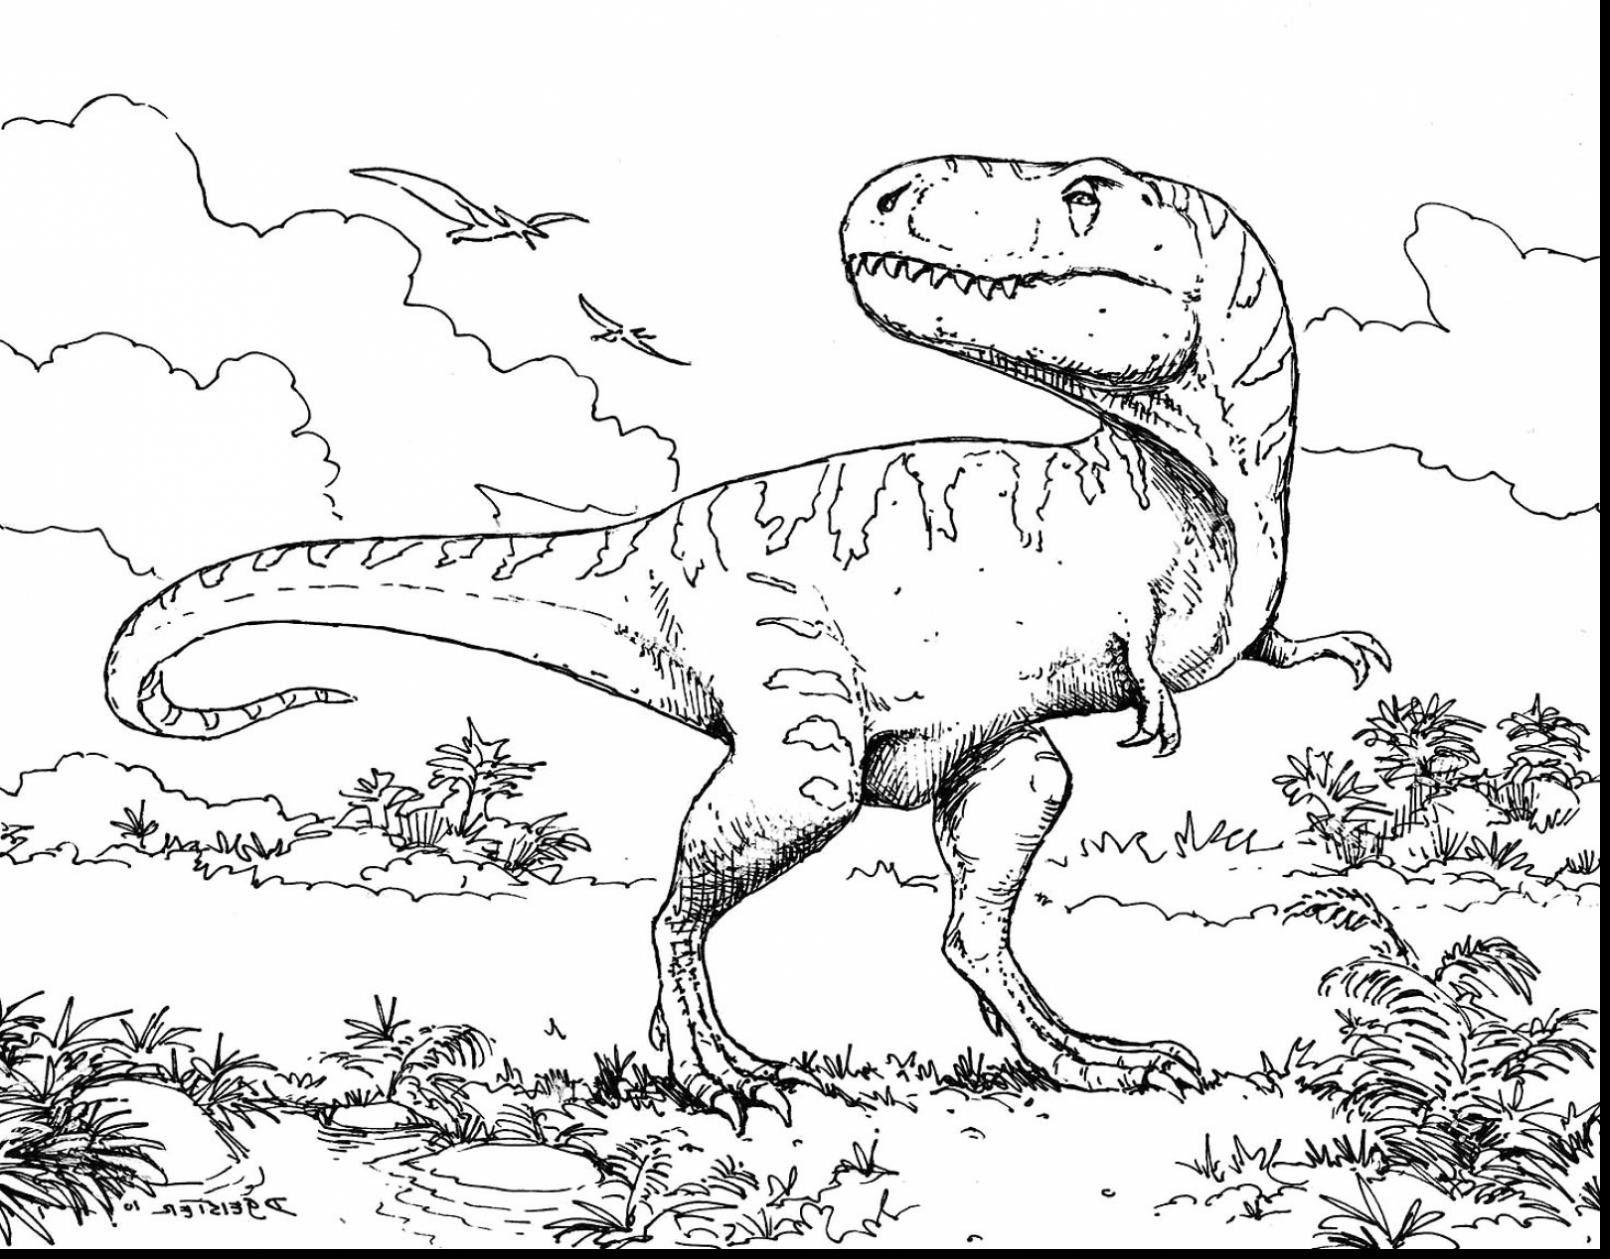 T Rex Cafe T Rex Deborah T Rex Outline T Rex Unchained Trex Decking Dinosaurs Coloring Dinosaur Coloring Pages Dinosaur Coloring Dinosaur Coloring Sheets